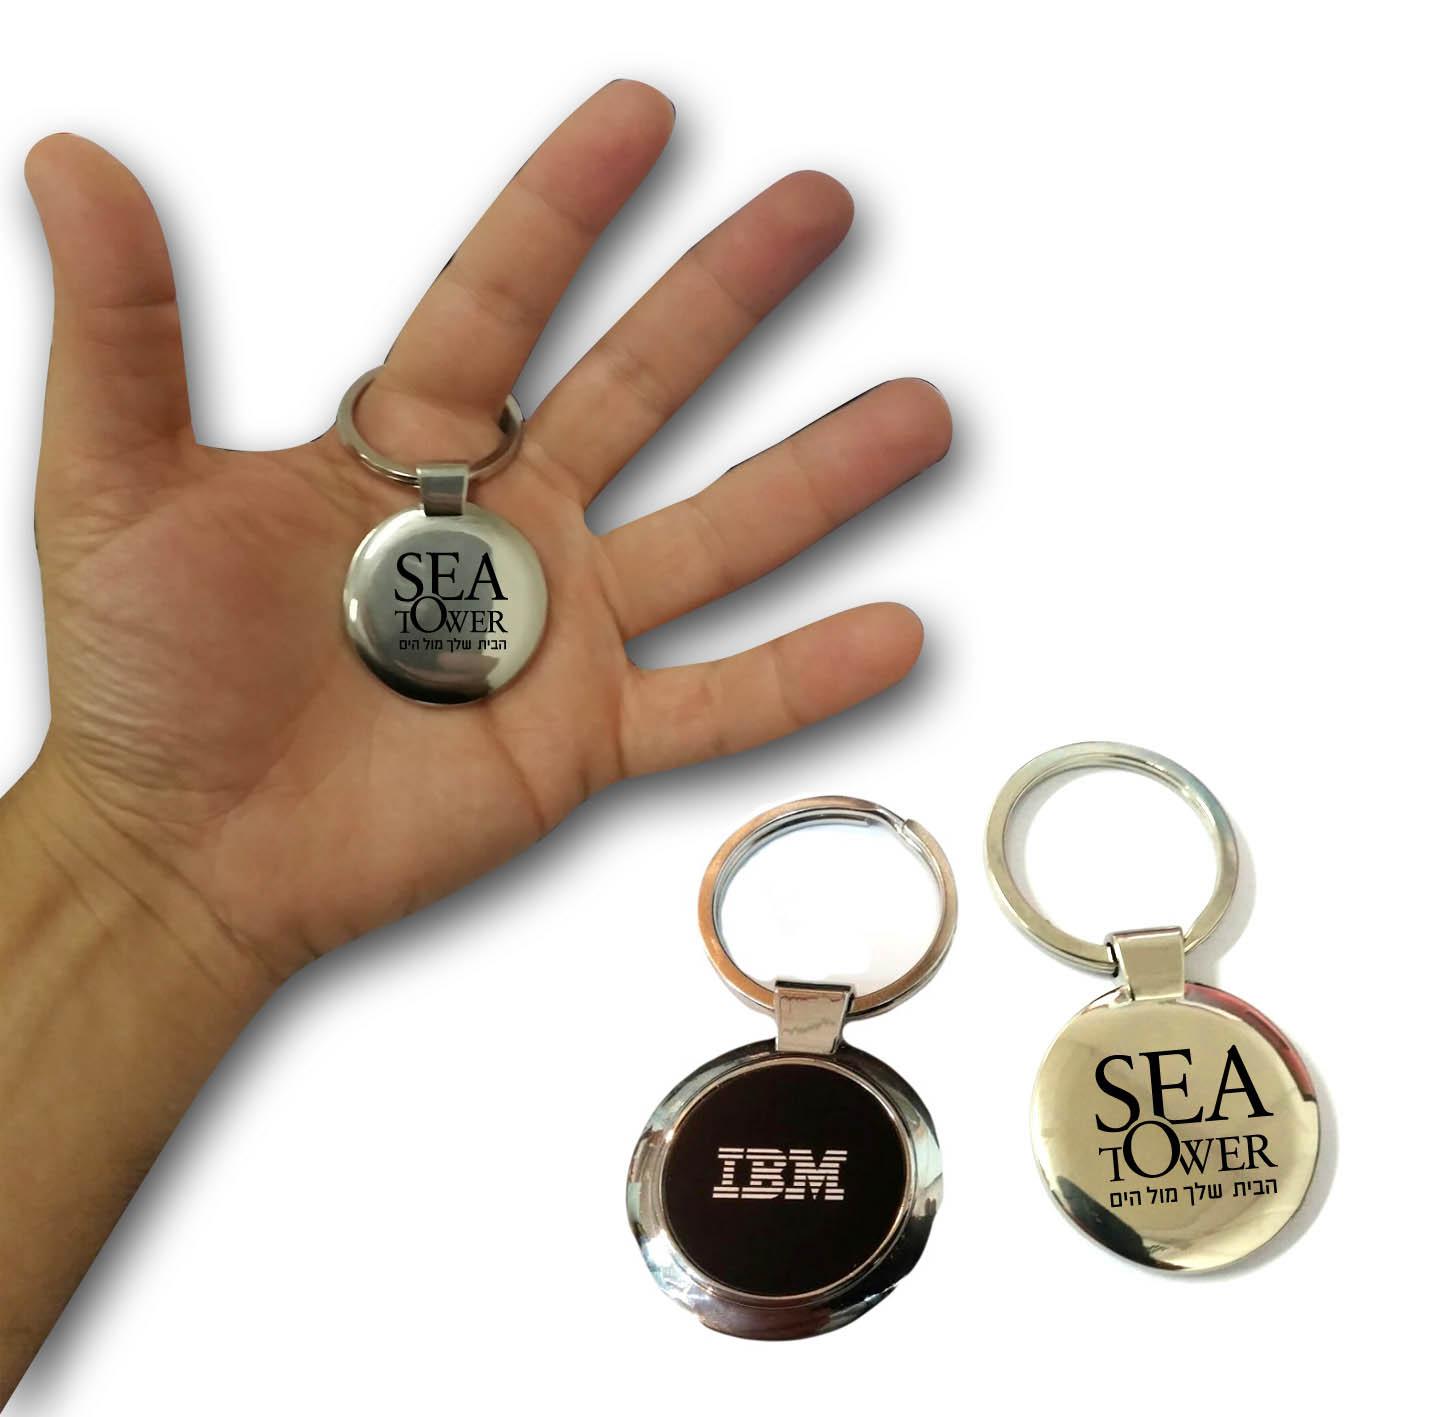 מחזיקי מפתחות עם חריטה